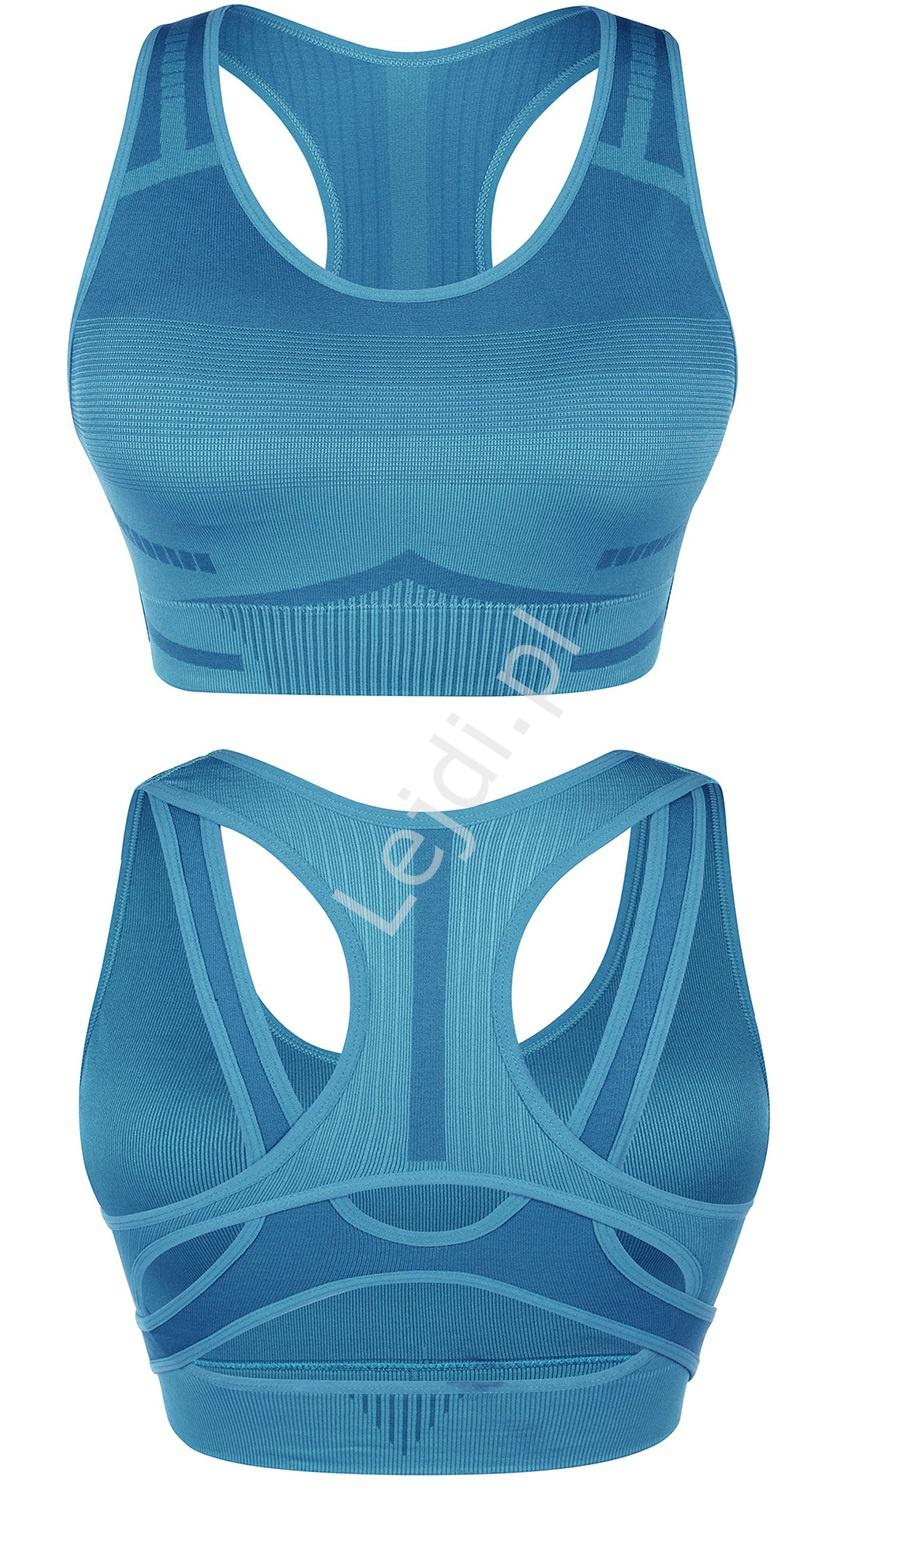 Niebieski bezszwowy biustonosz sportowy do areobiku, jogi, pilatesu 0047 - Lejdi